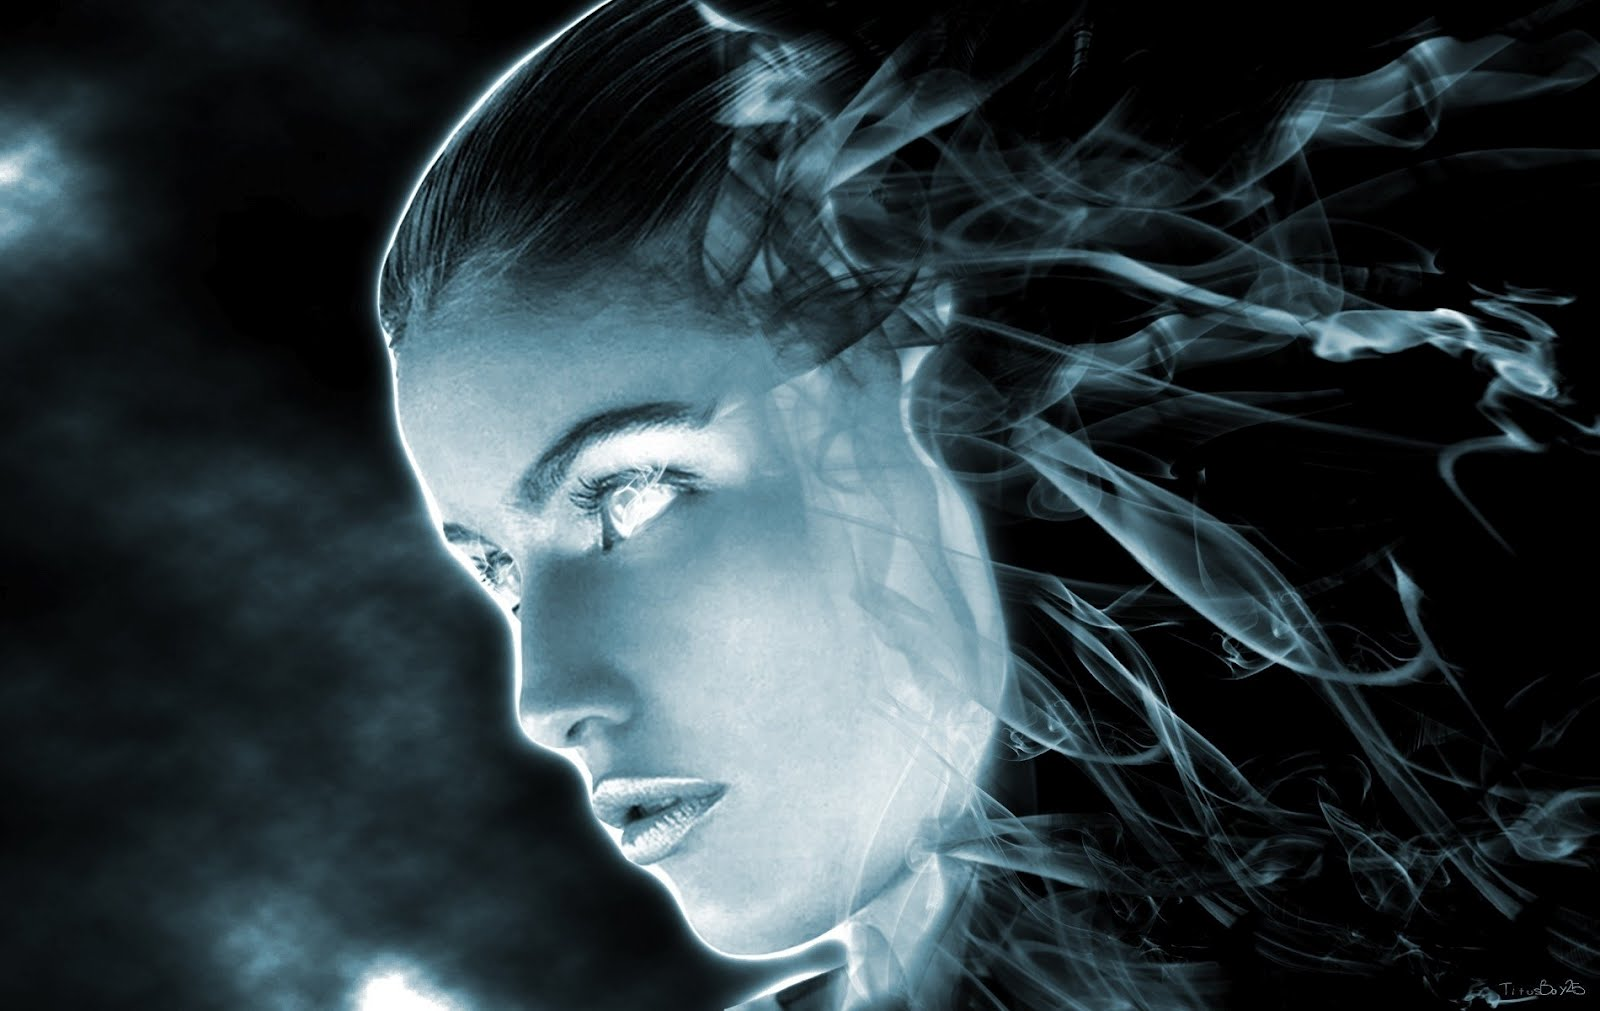 http://2.bp.blogspot.com/-Yg5p_C-KAcw/T3SmgCmbRzI/AAAAAAAAAUI/hQHSpO358vA/s1600/fantasy-girl---ghost-wallpapers_14943_1900x1200.jpg